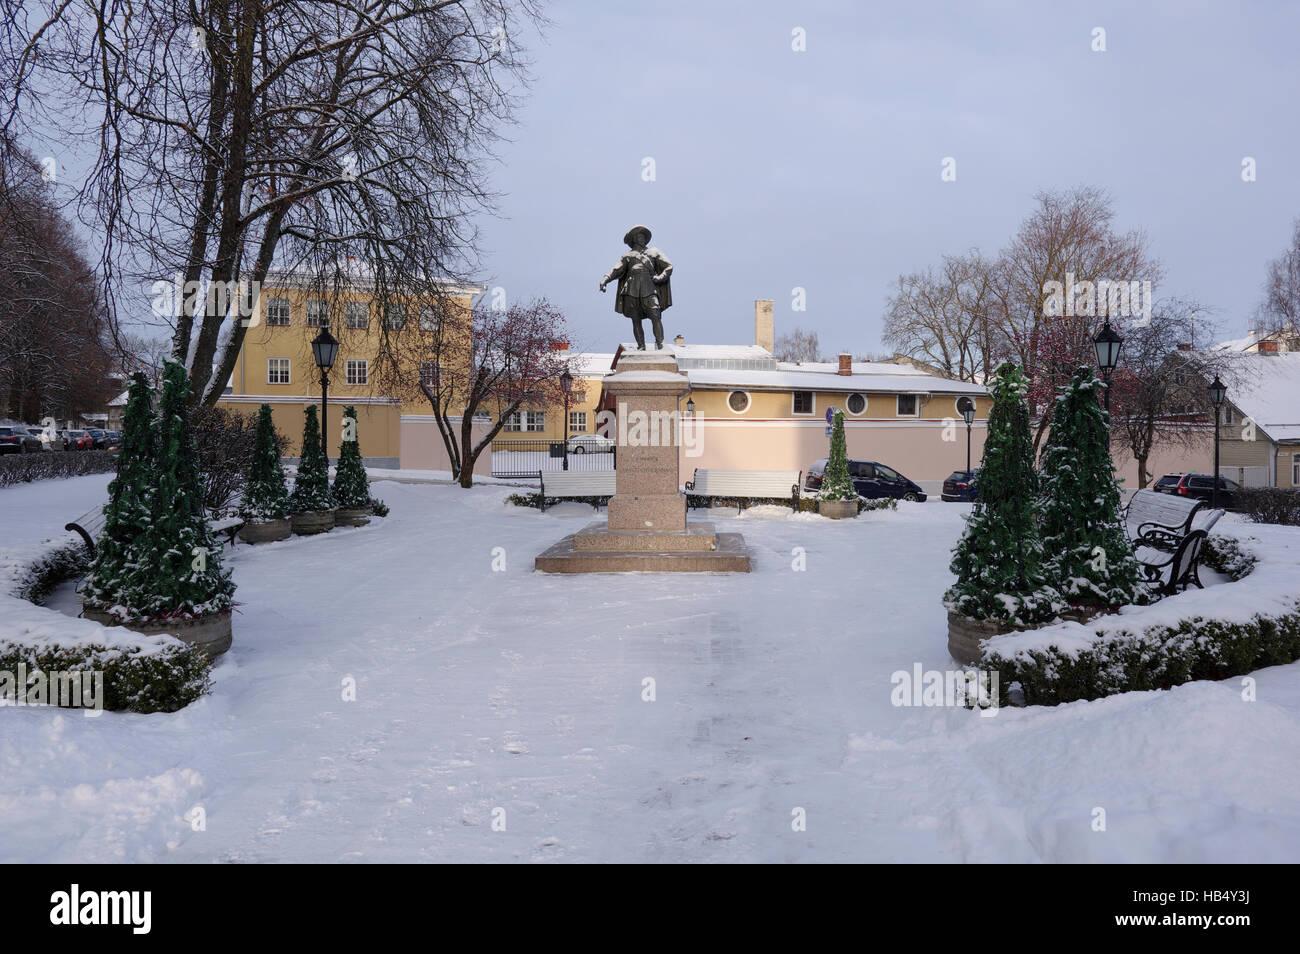 Statue of King Gustavus Adolphus of Sweden in Tartu, Estonia Estland Europe EU - Stock Image